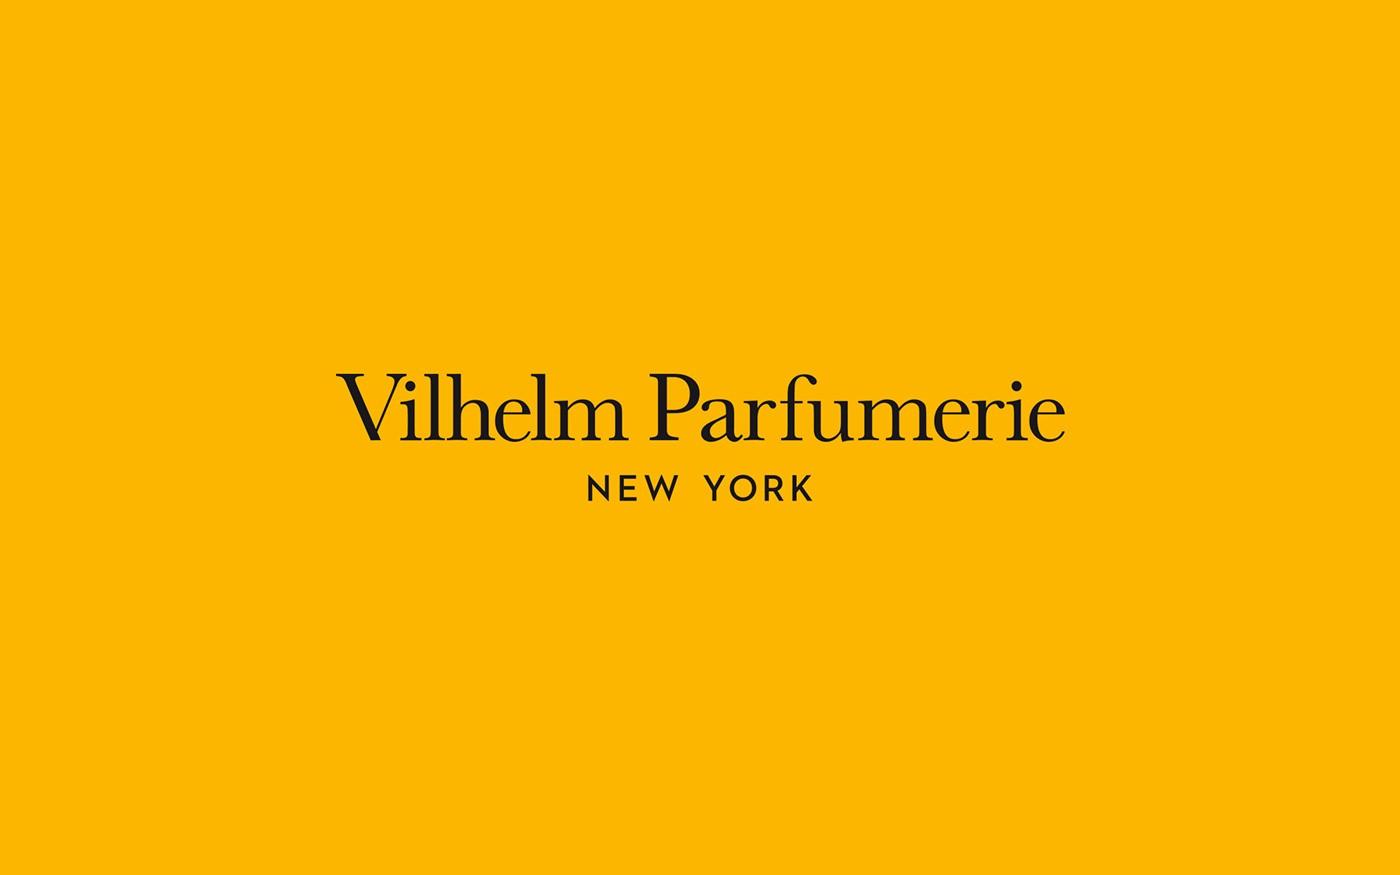 Vilhelm Parfume